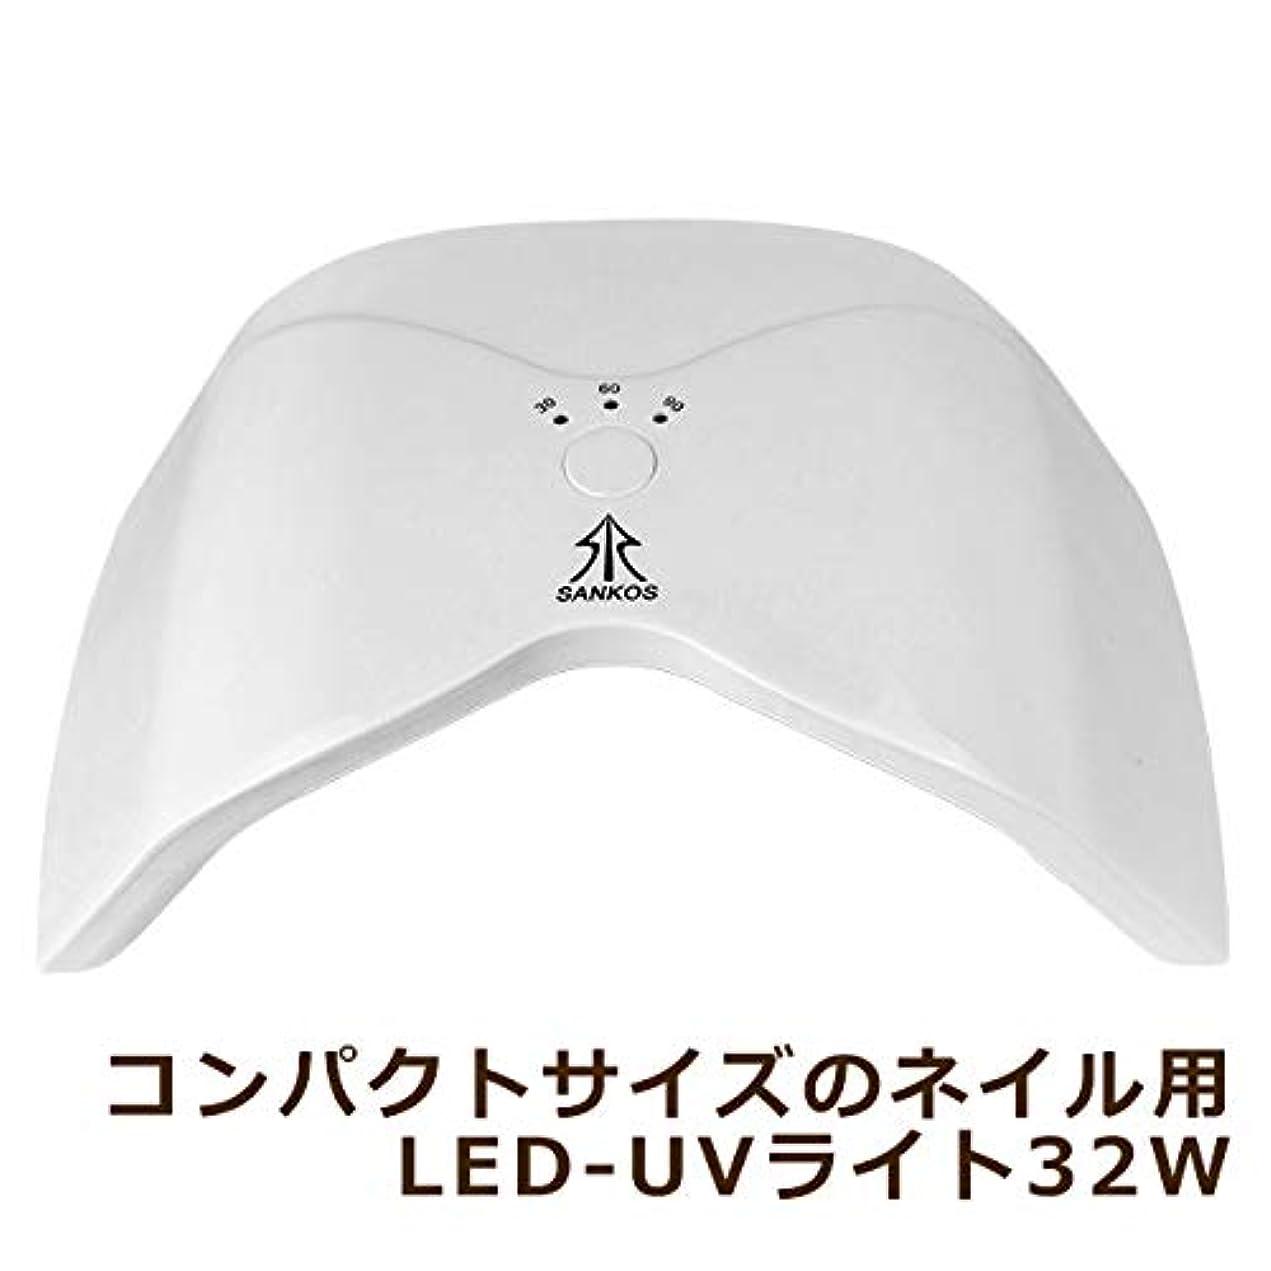 キルス砂漠野心的【新入荷】コンパクトサイズ ネイル用 LED-UVライト 32W (LED&UV両方対応)30秒?60秒?90秒タイマー付 (ホワイト)